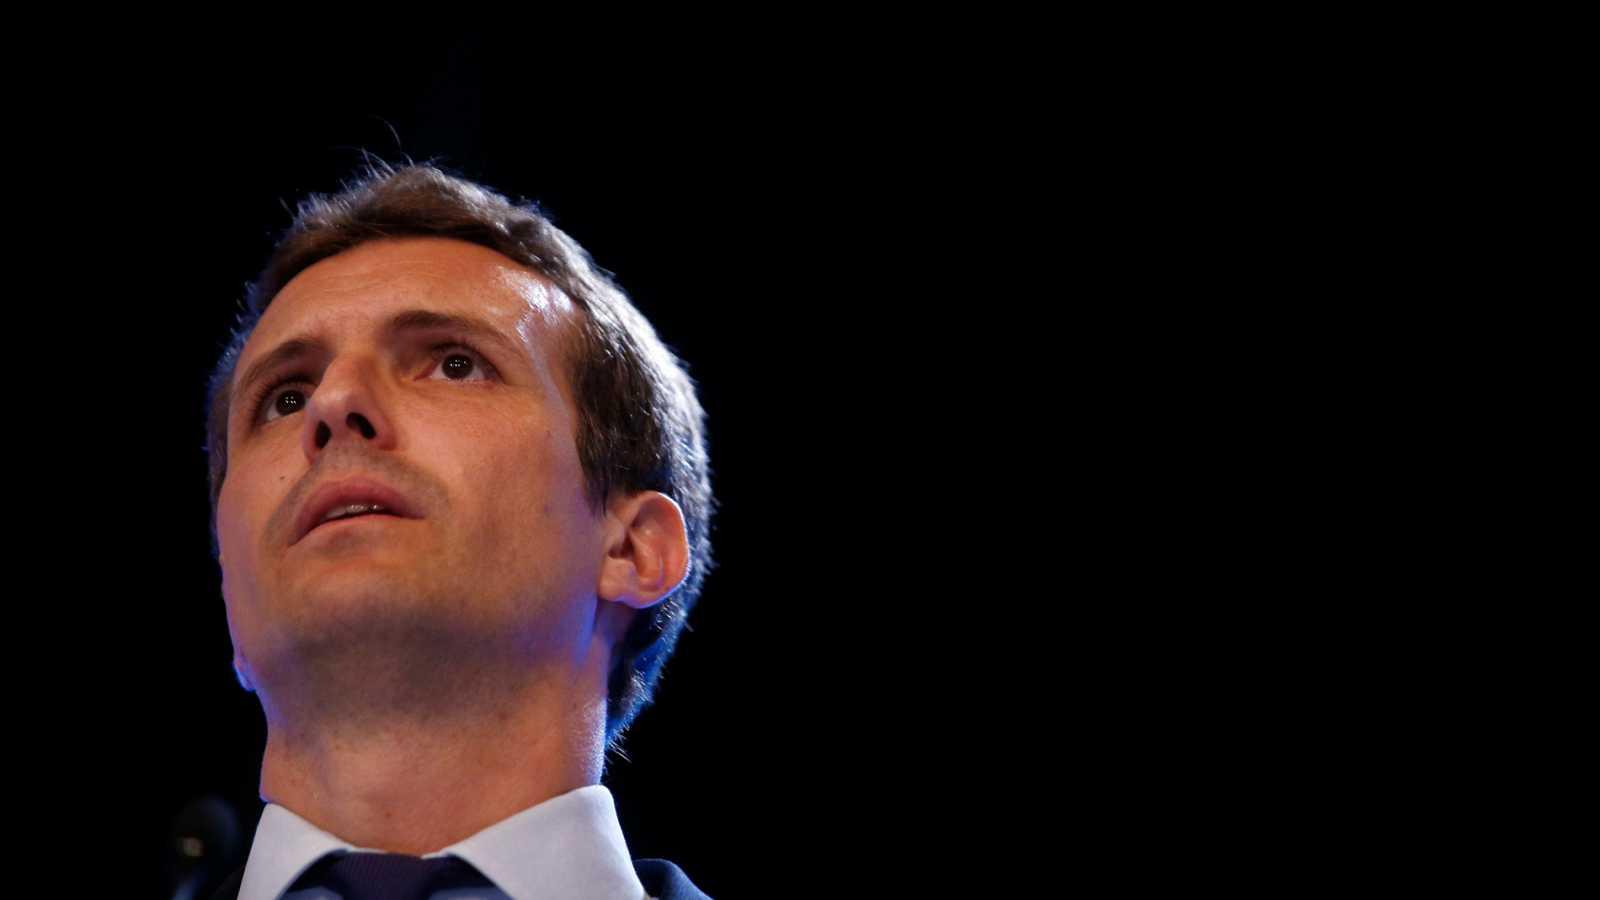 España: Partido Popular intentará recurrir indultos a los independentistas catalanes